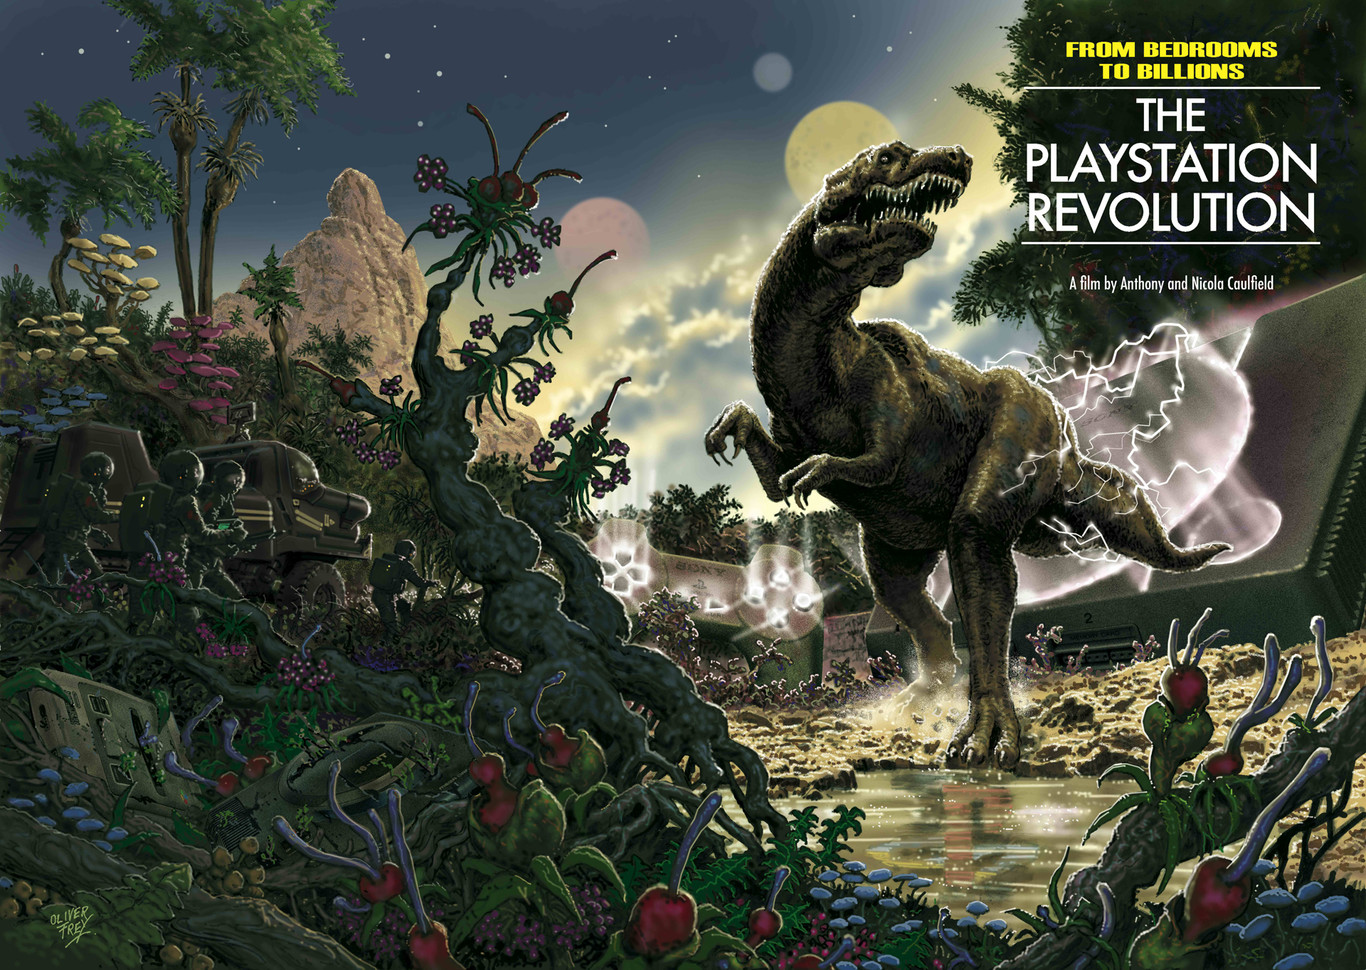 The PlayStation Revolution, el documental para celebrar 25 años de PlayStation